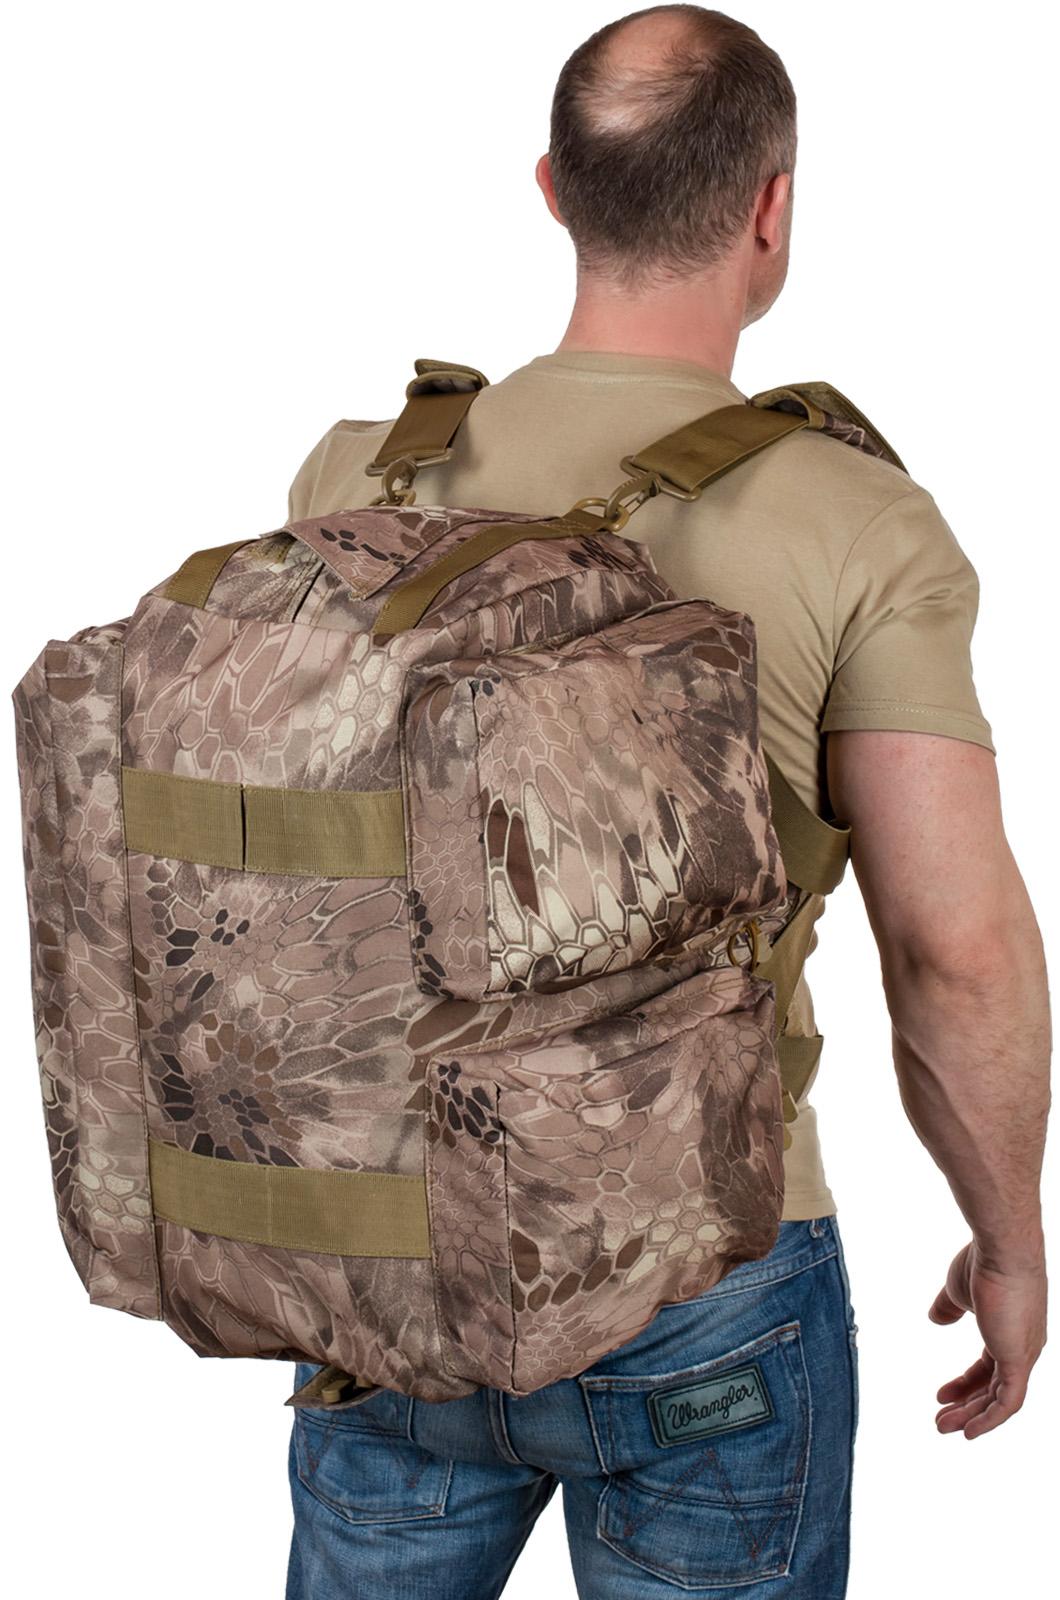 Тактическая дорожная сумка РХБЗ - заказать с доставкой